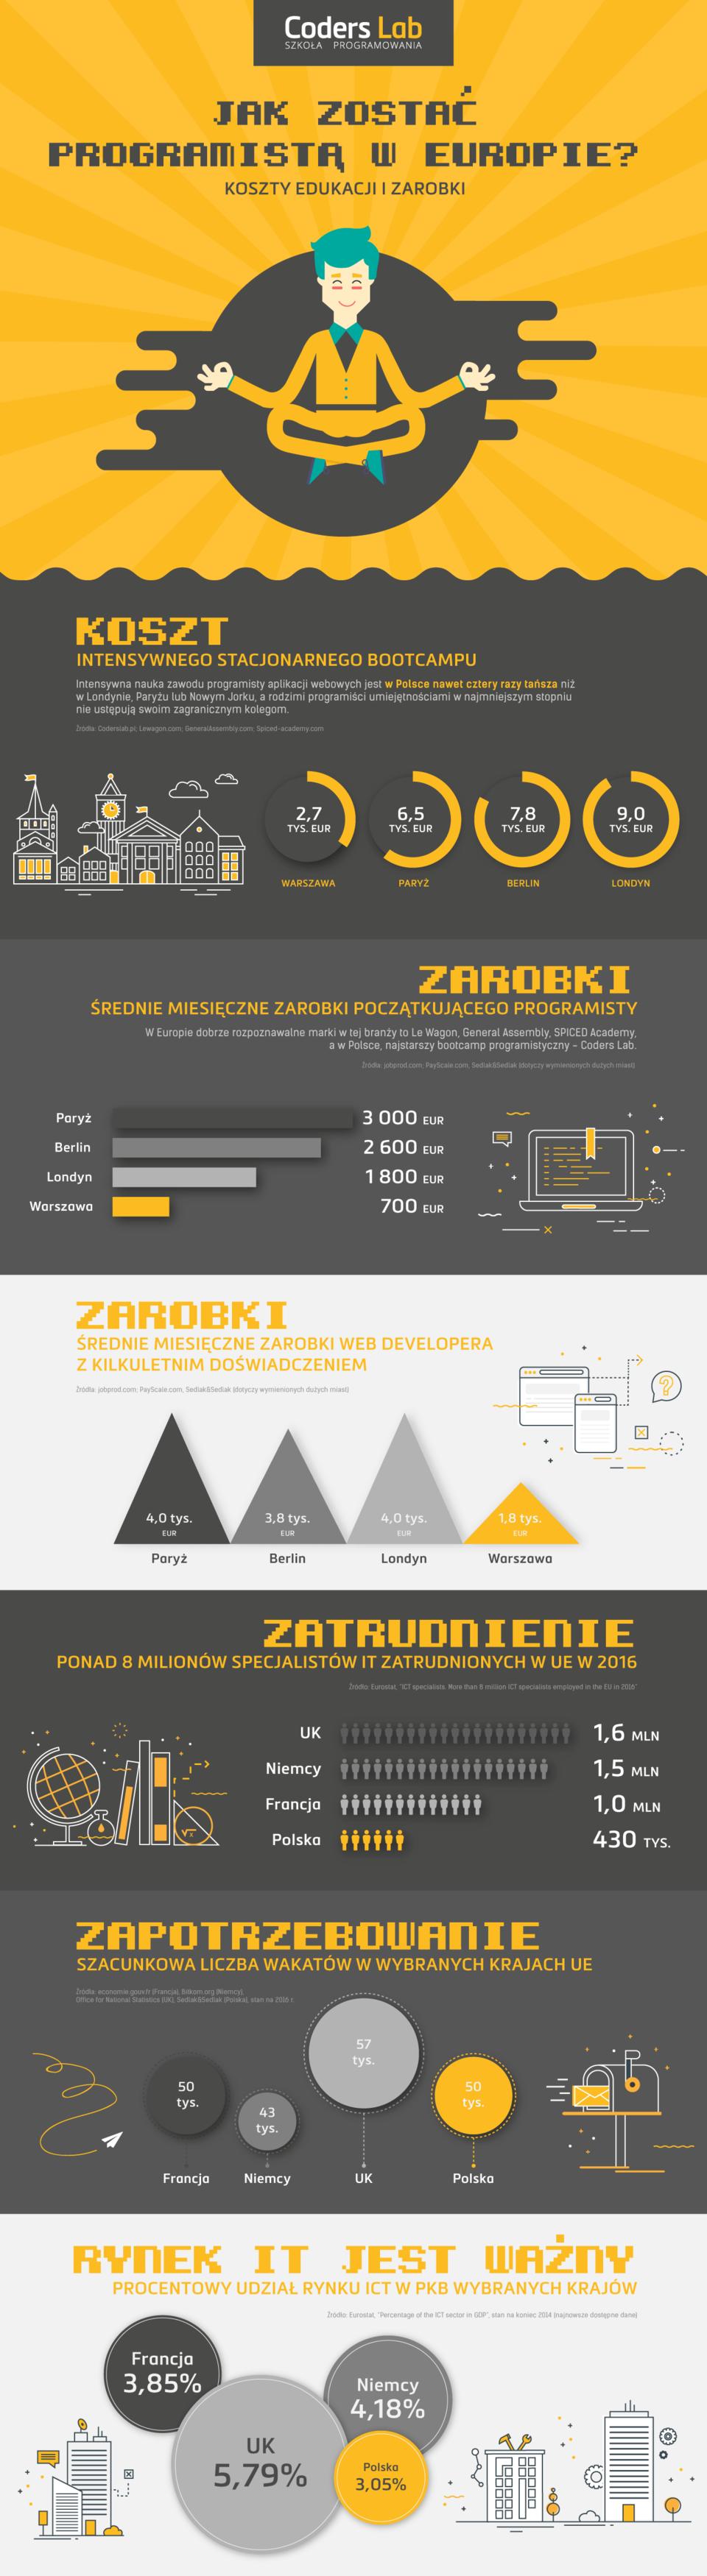 Programiści w Europie infografika